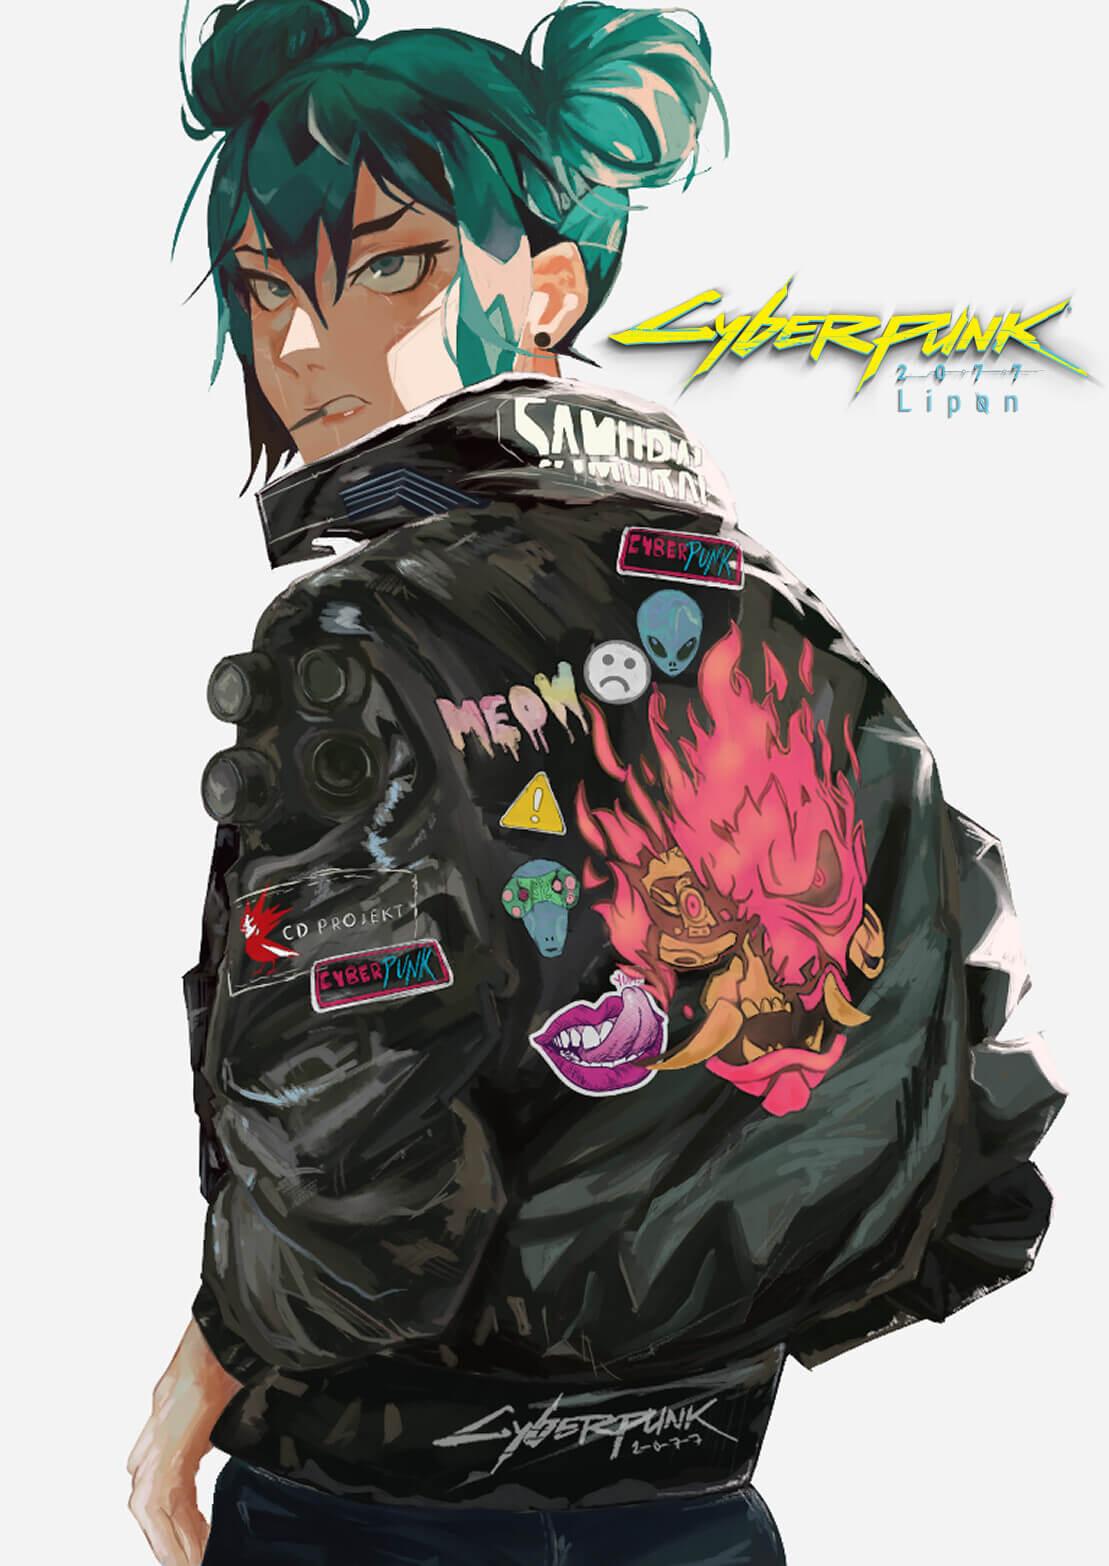 Lipon 18 – Cyberpunk 2077